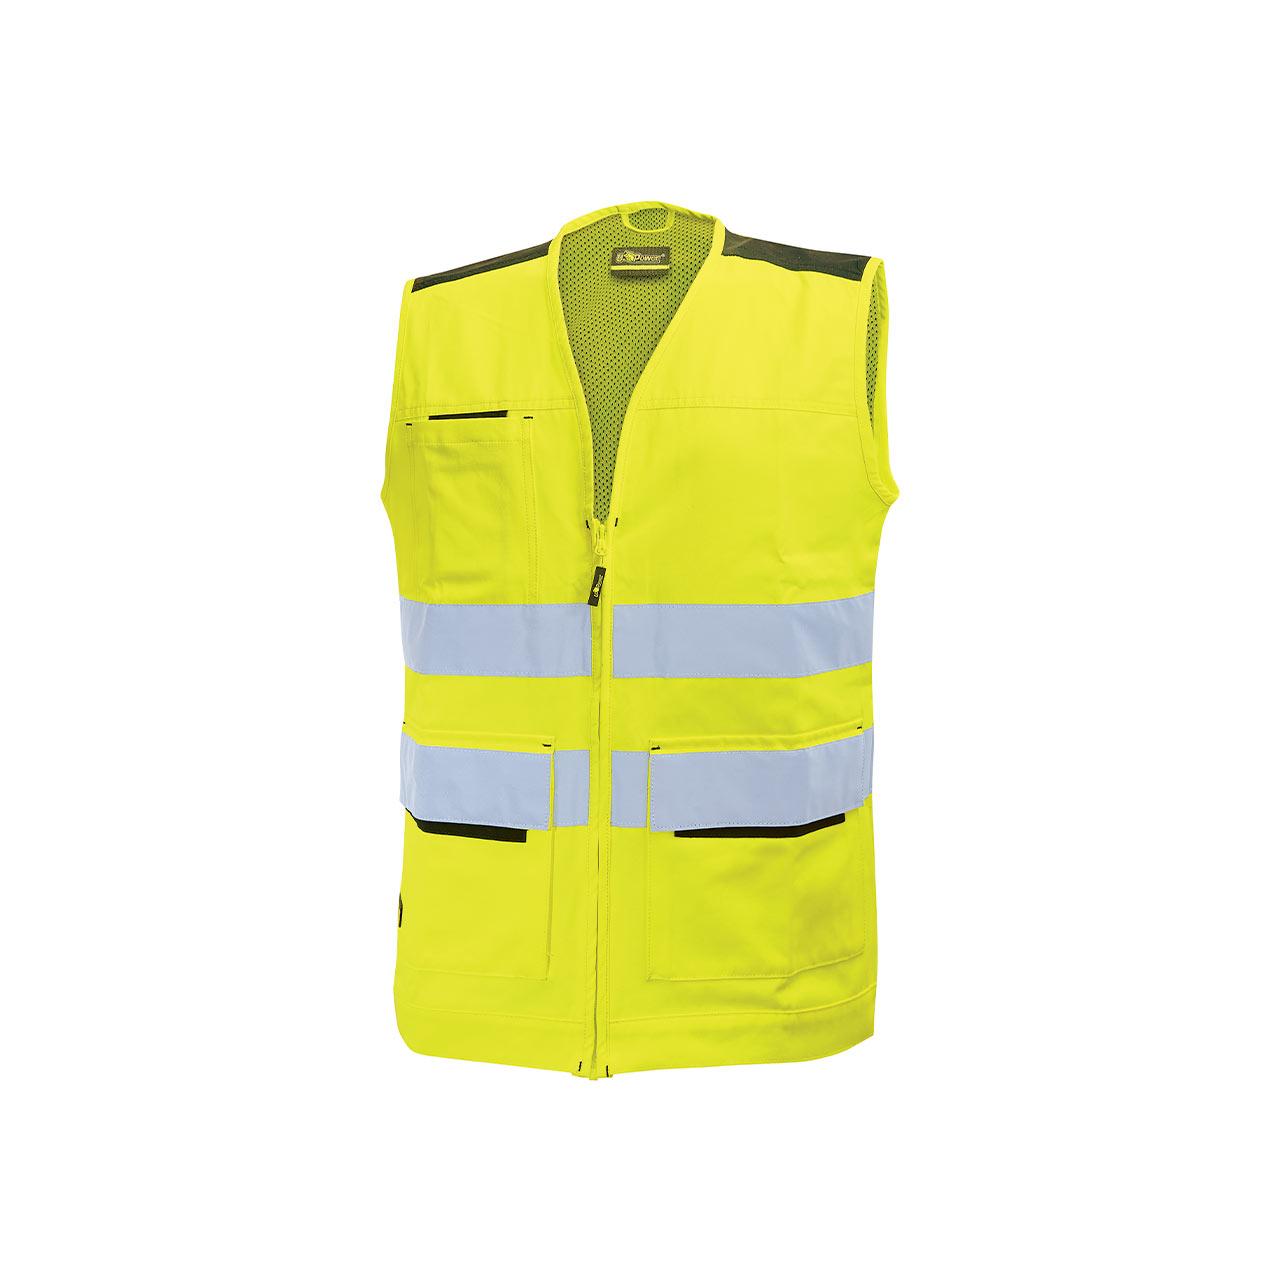 gilet da lavoro upower modello smart colore yellow fluo